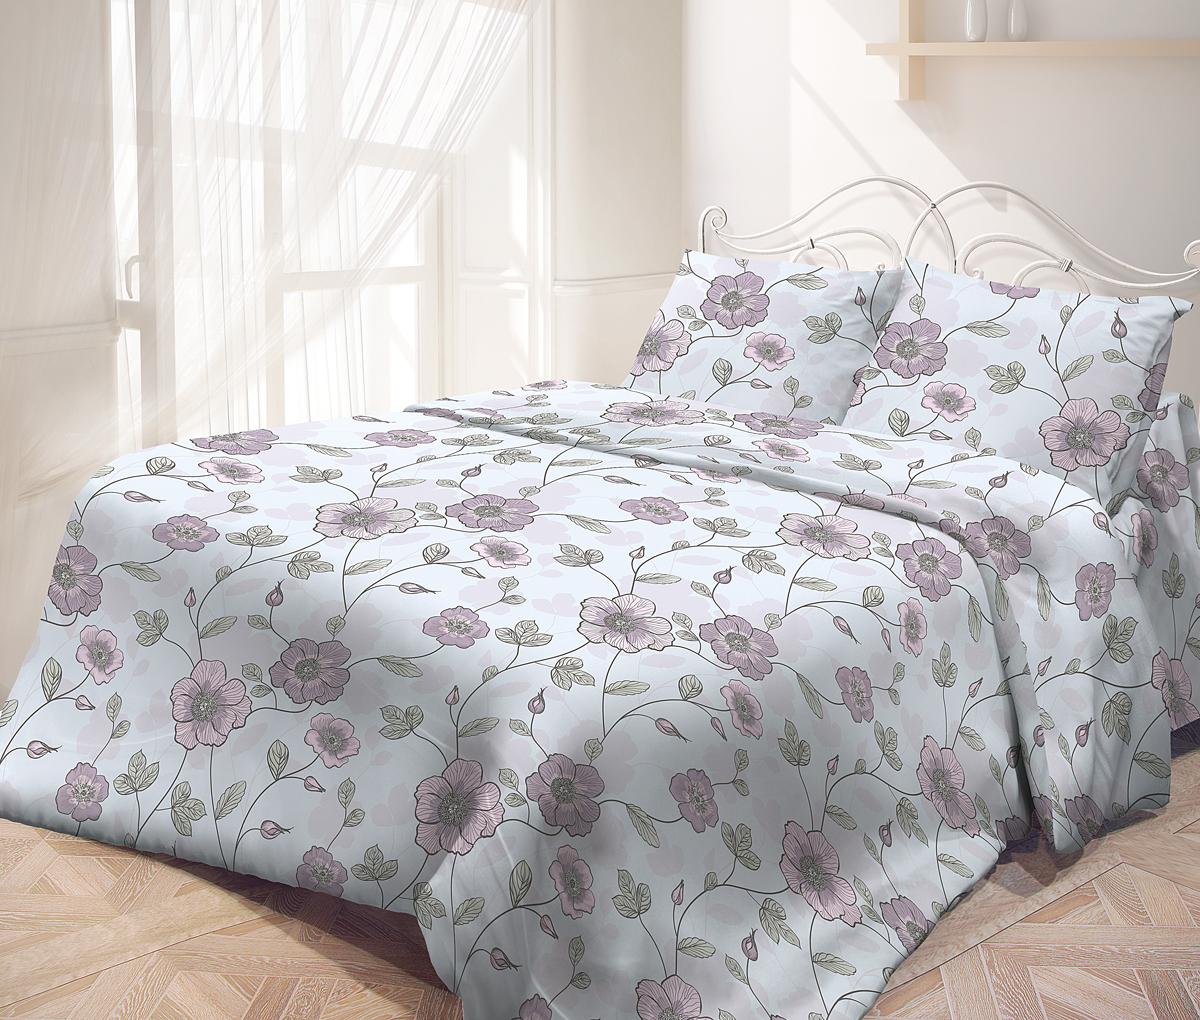 Комплект белья Самойловский текстиль Июнь, семейный, наволочки 50х70714151Комплекты постельного белья Самойловский текстиль - это максимально натуральный, естественный комфорт и невероятно приятные тактильные ощущения и актуальные современные дизайны. Чрезвычайно мягкая на ощупь поверхность хлопковой ткани Cottonsoft - будто нежный и мягкий лепесток цветка. Она имеет бархатистую структуру благодаря использованию особого сырья и технологий при производстве. Неприхотливая в уходе, 100% натуральная, износостойкая, но самое главное - особенно мягкая, она безусловно понравится тем, кто любит понежиться в постели и станет отличной альтернативой традиционным комплектам из тканей полотняной структуры.